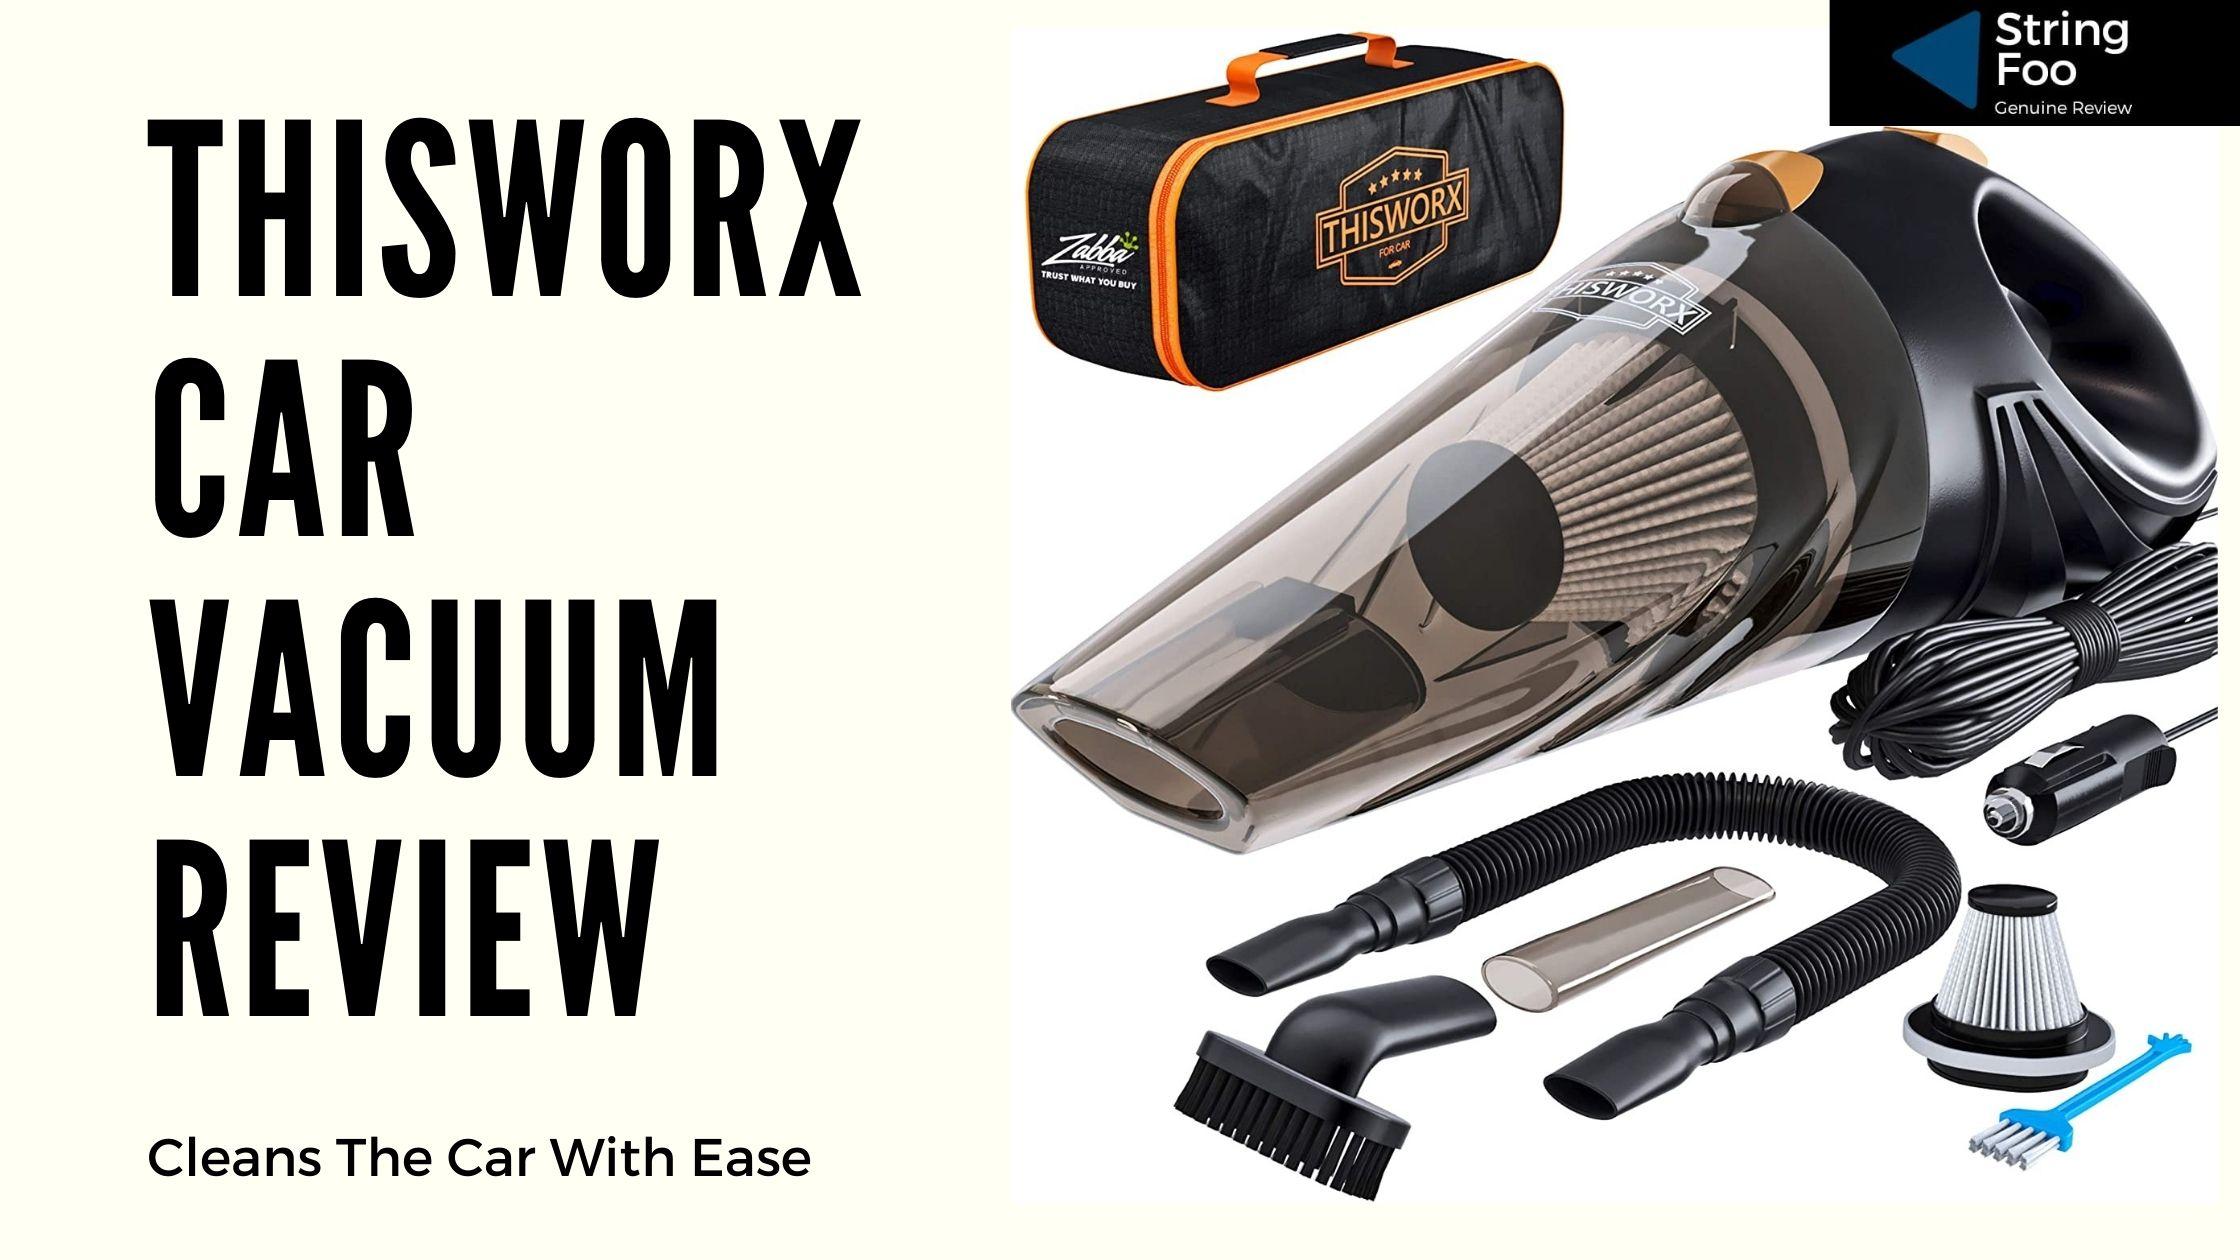 Thisworx Vacuum Cleaner Review